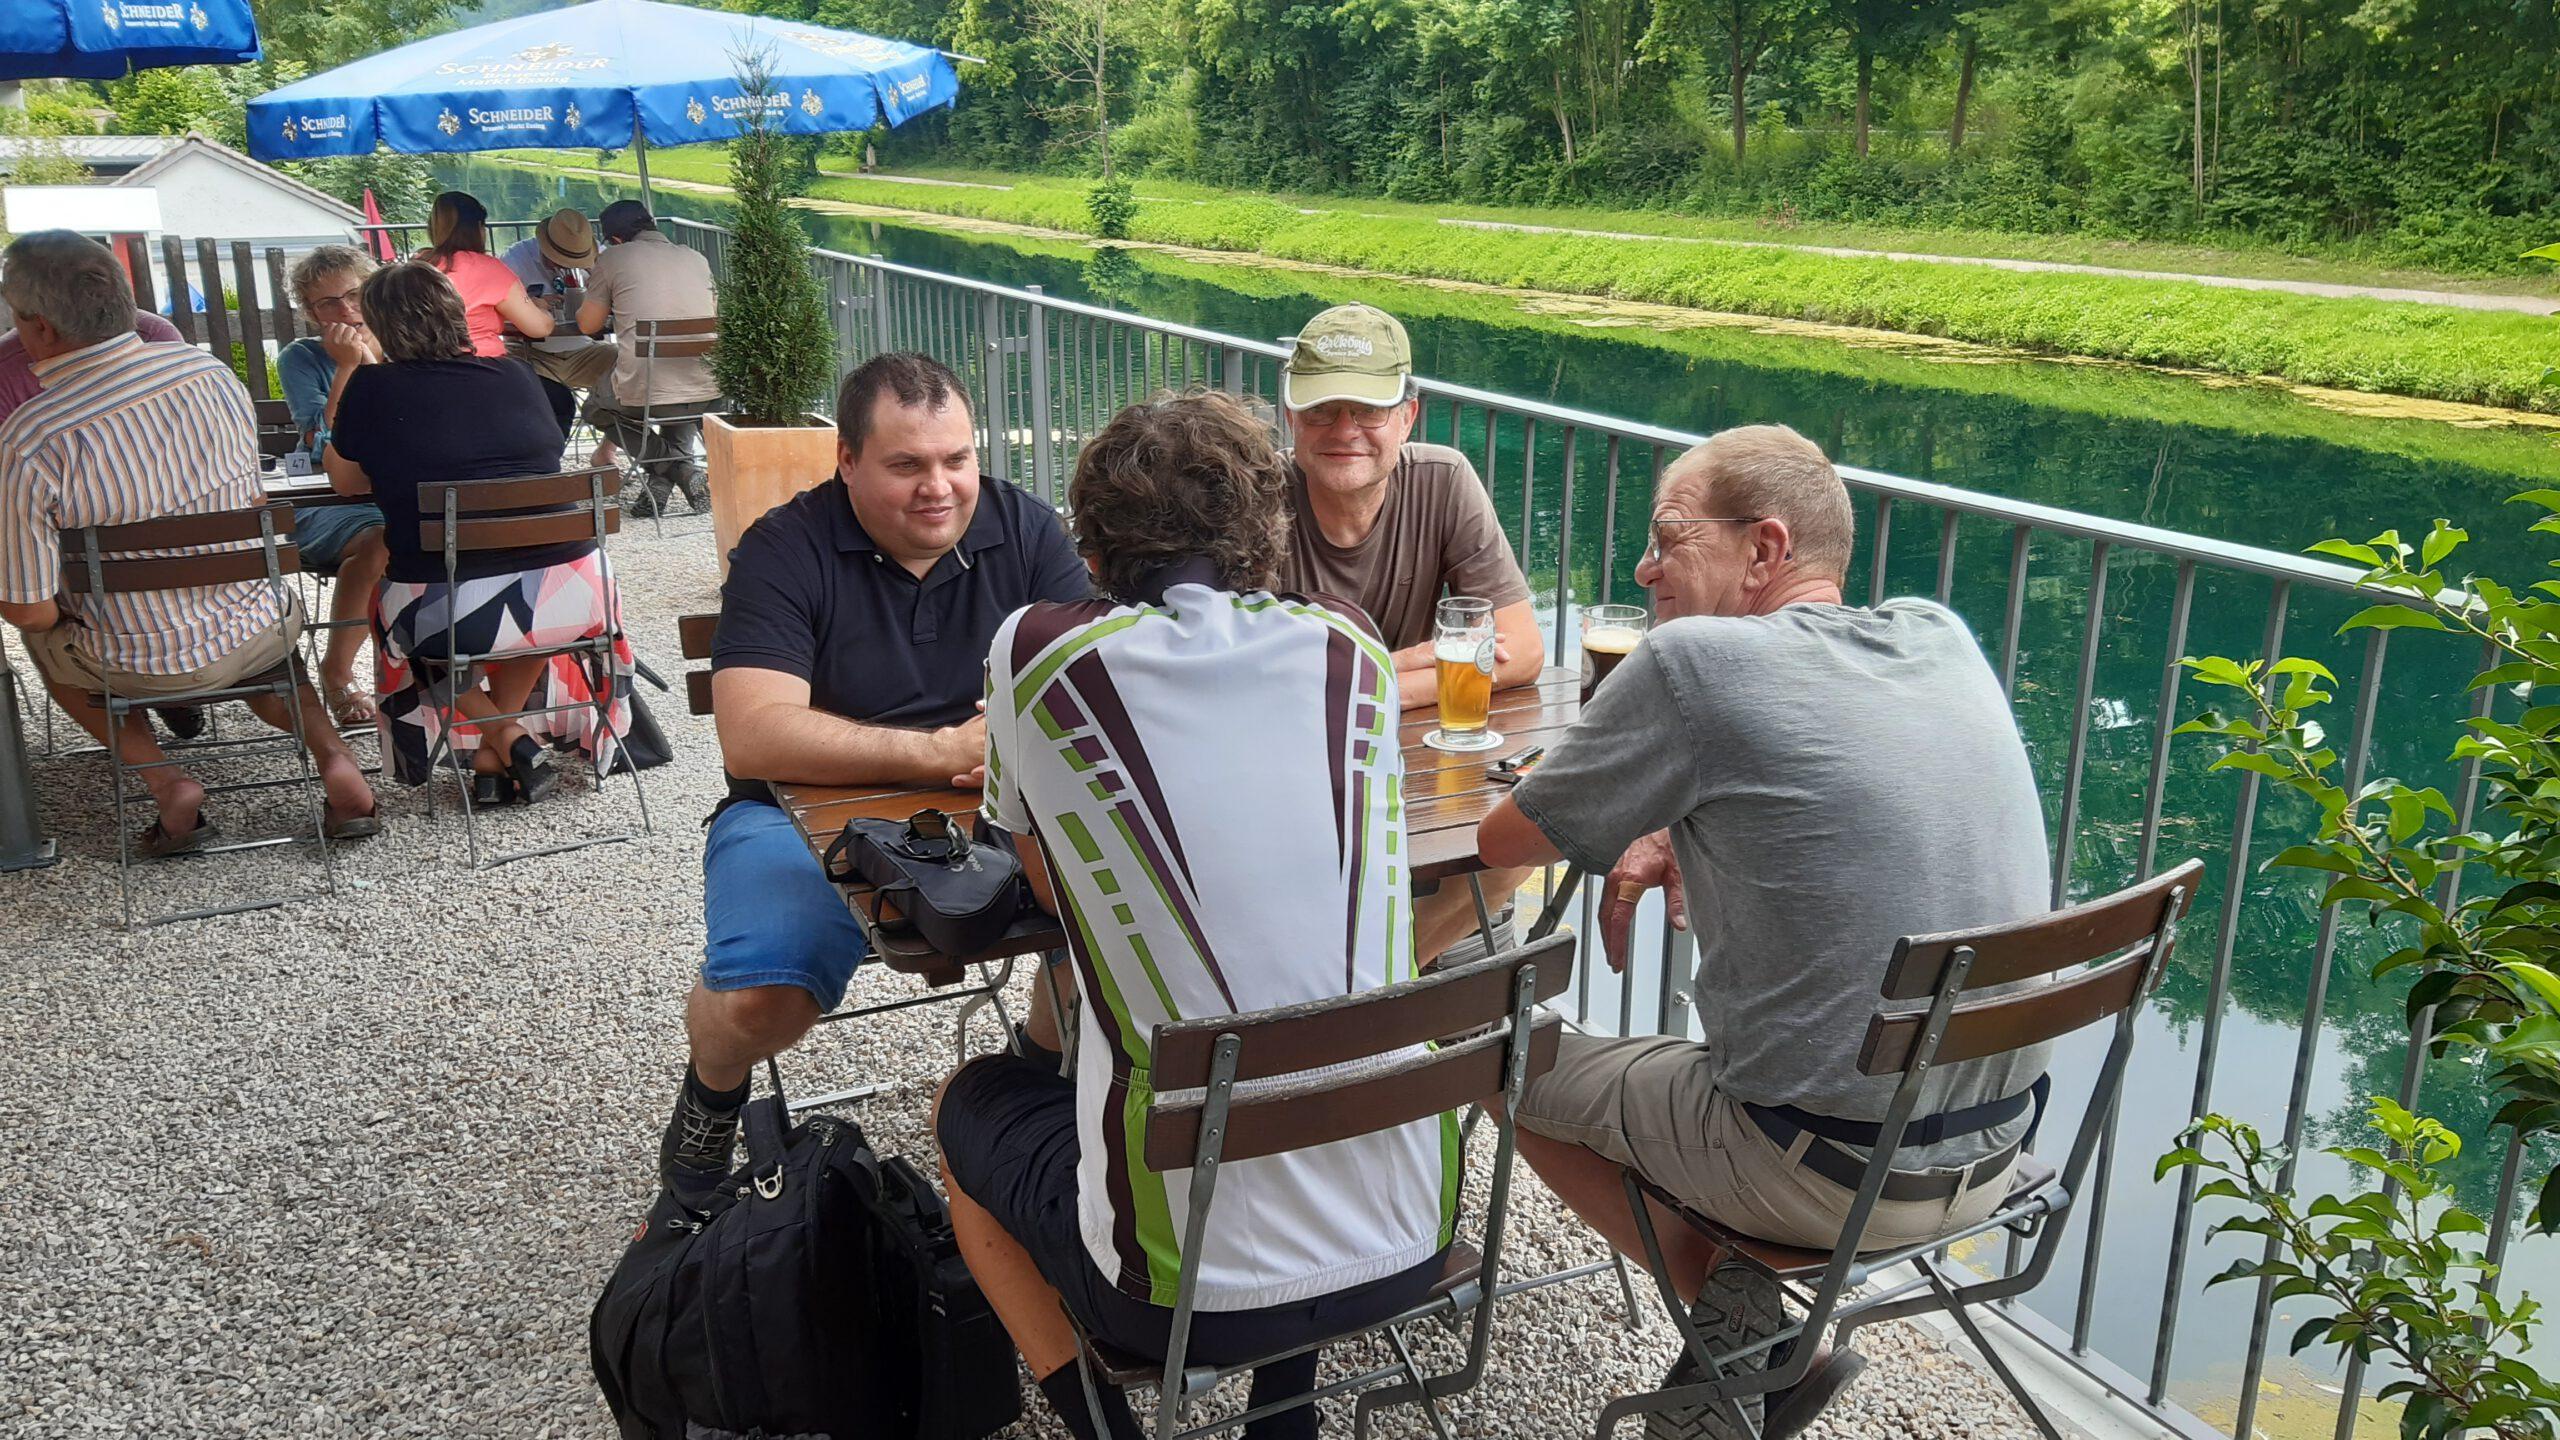 Einkehr im Gasthof Schneider in Essing